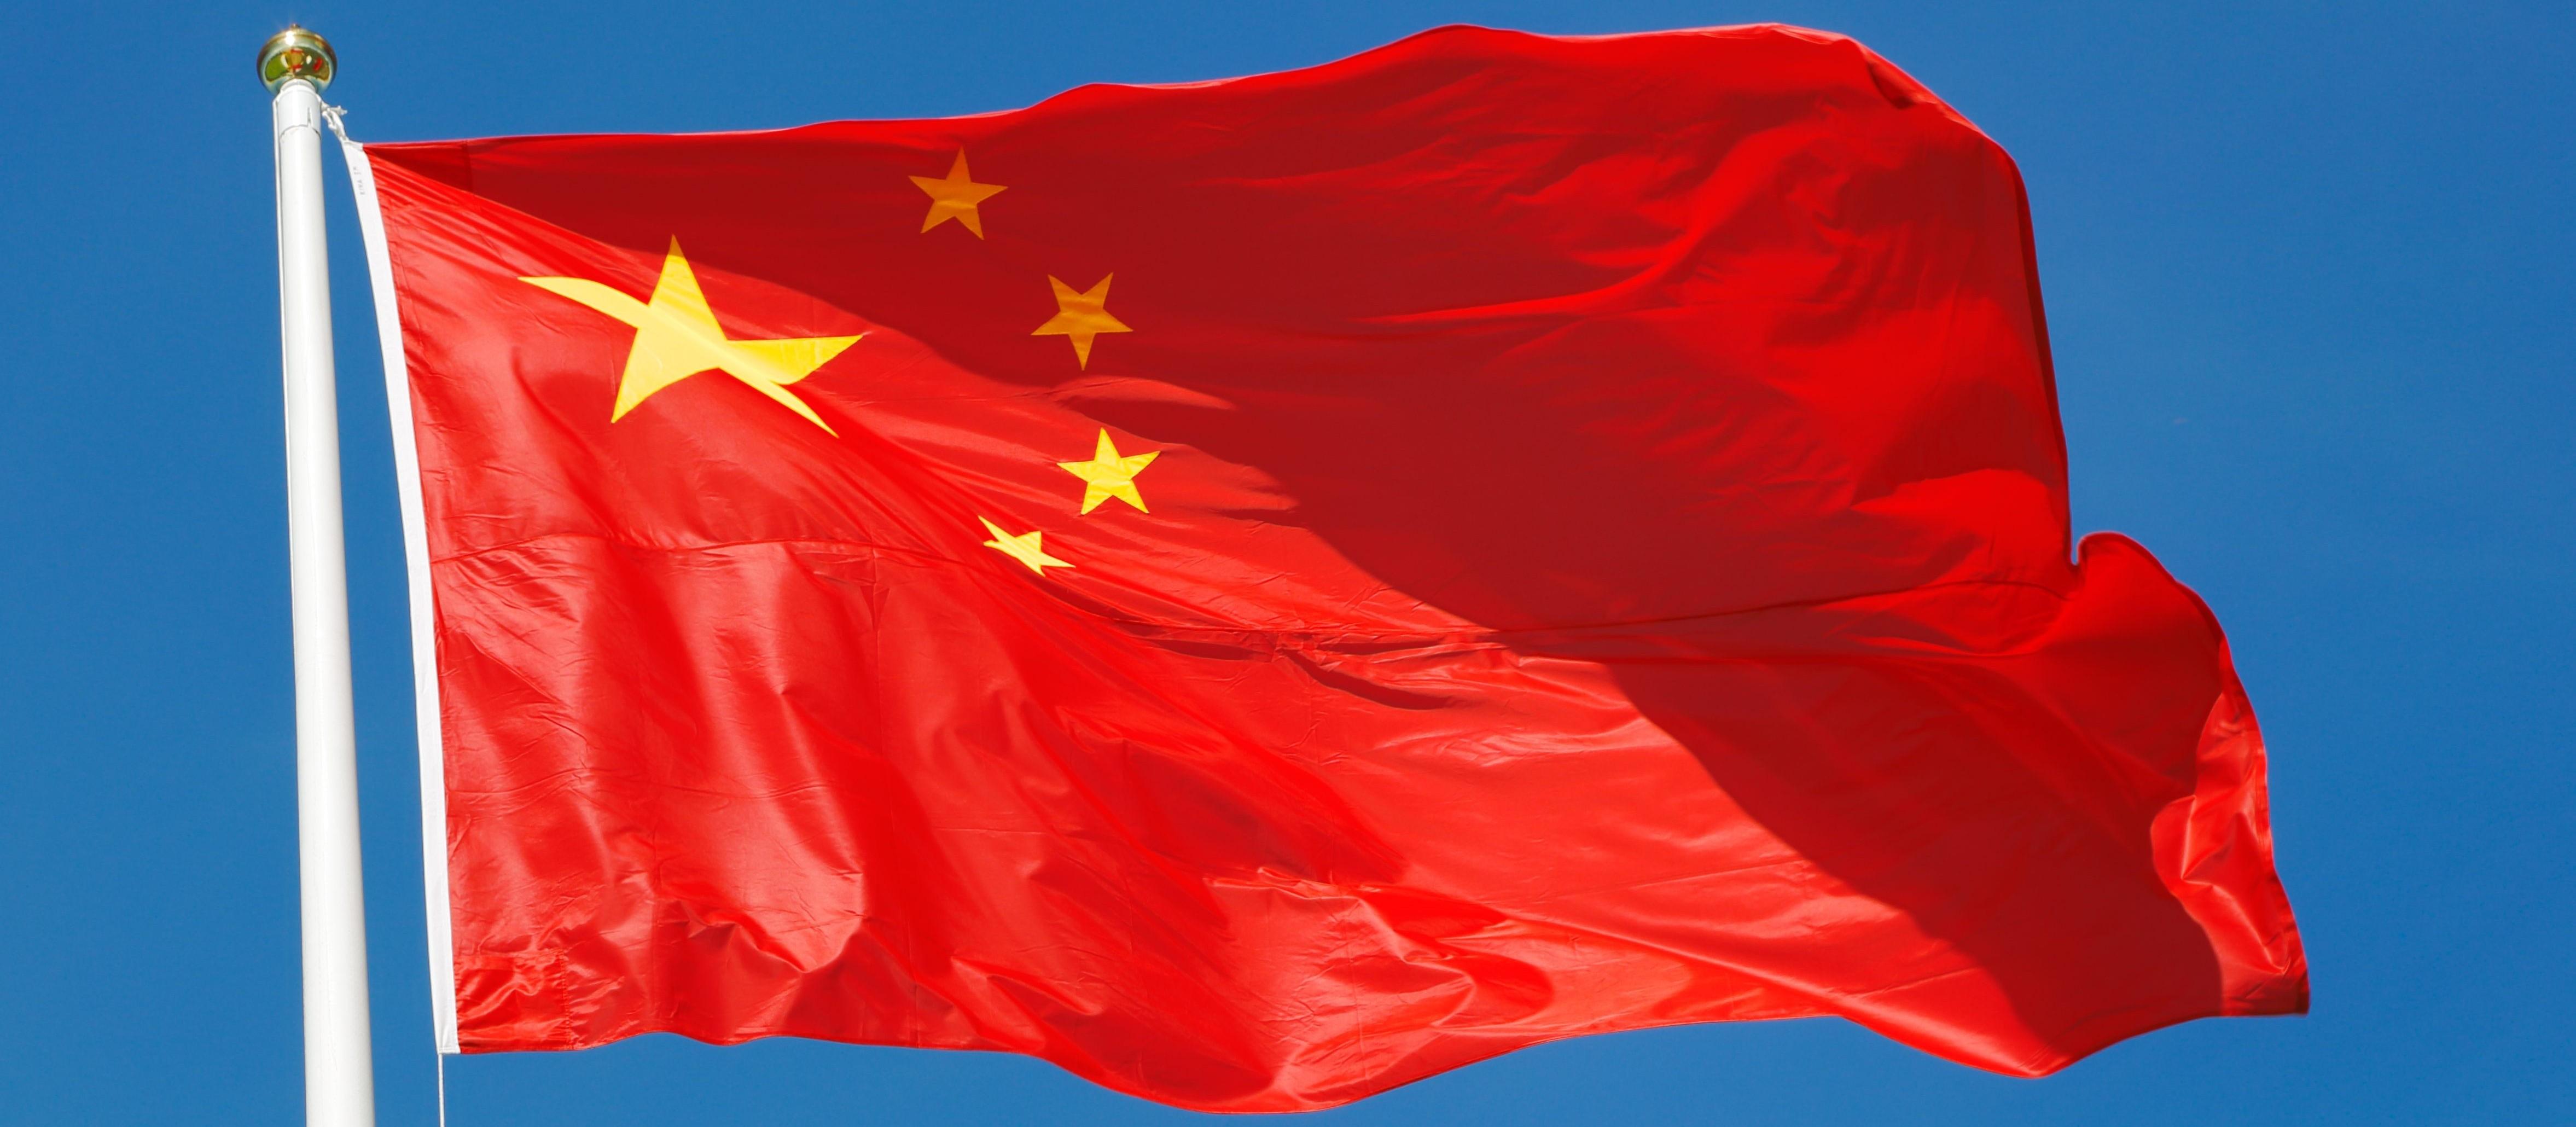 PIB da China deve ter no 1º trimestre a primeira queda em 40 anos, diz estudo